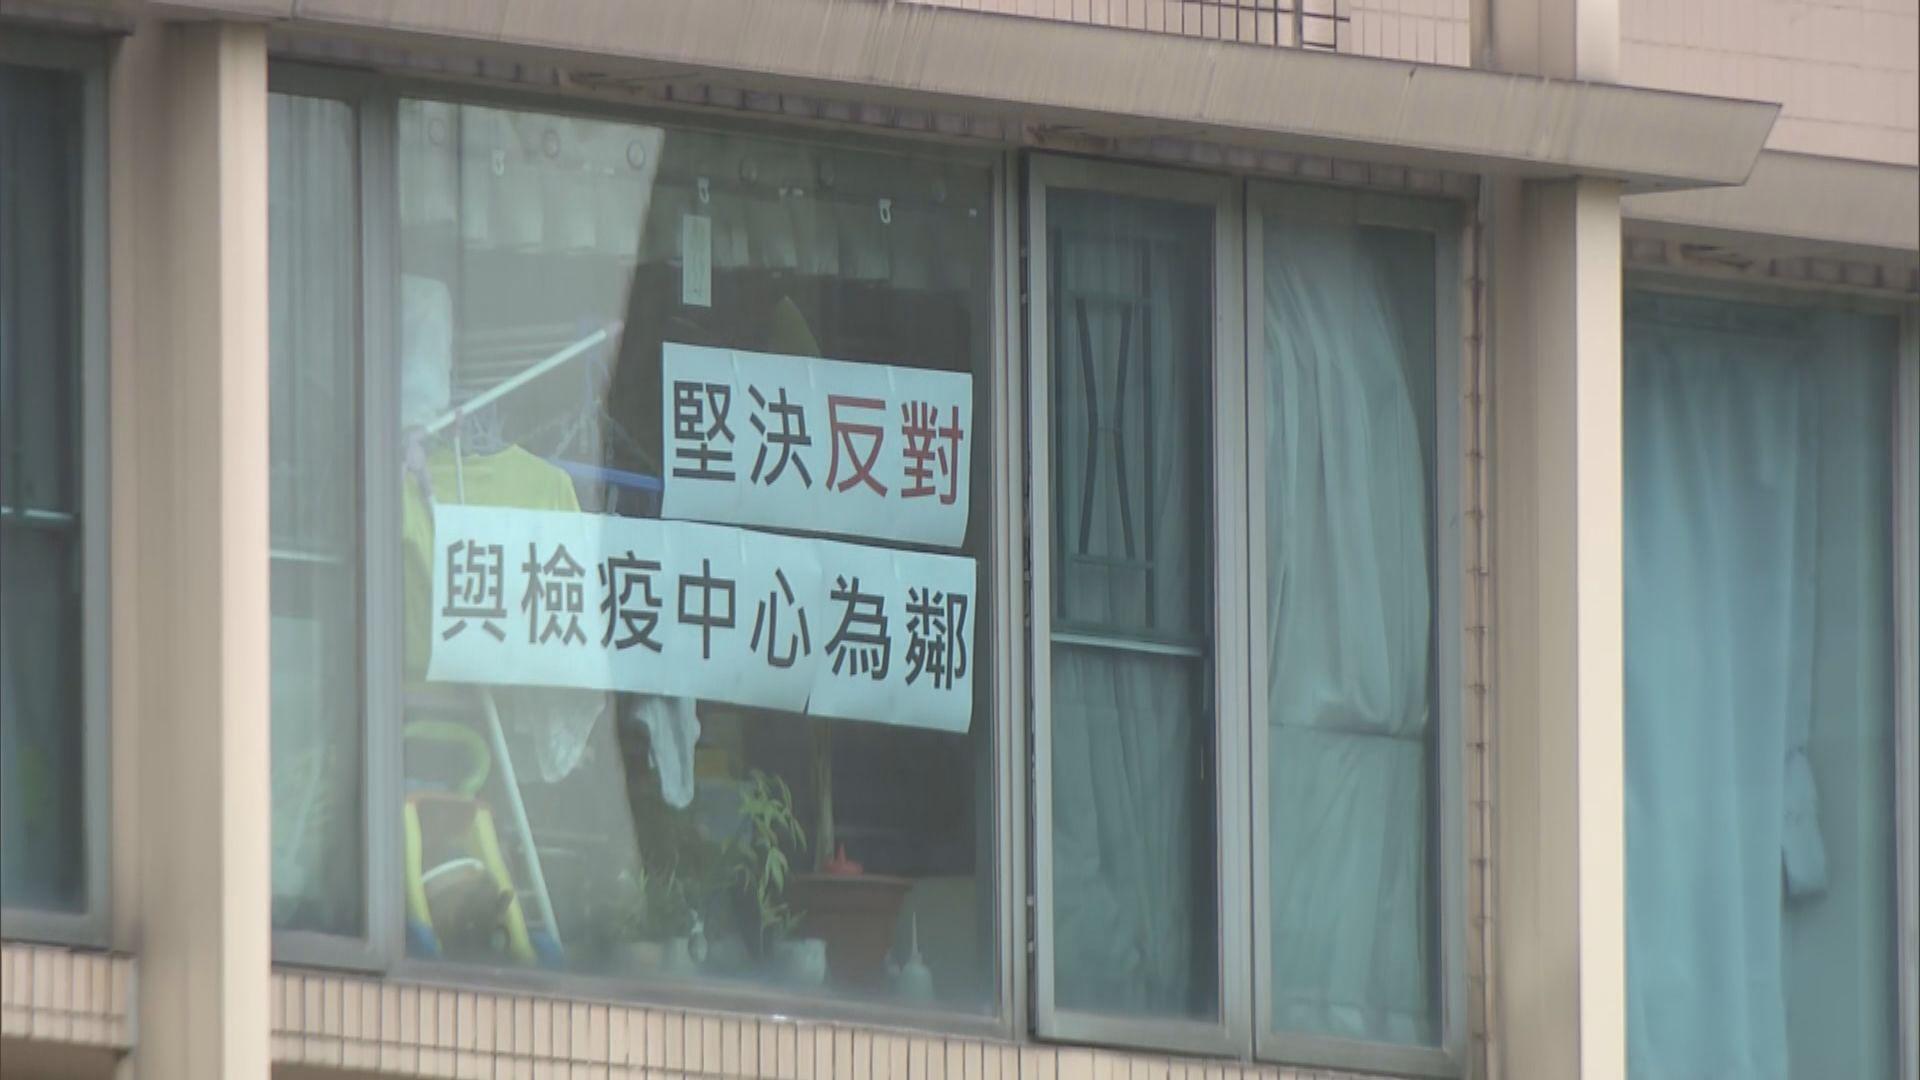 青衣華逸酒店成等候檢測結果中心 居民憂易傳染